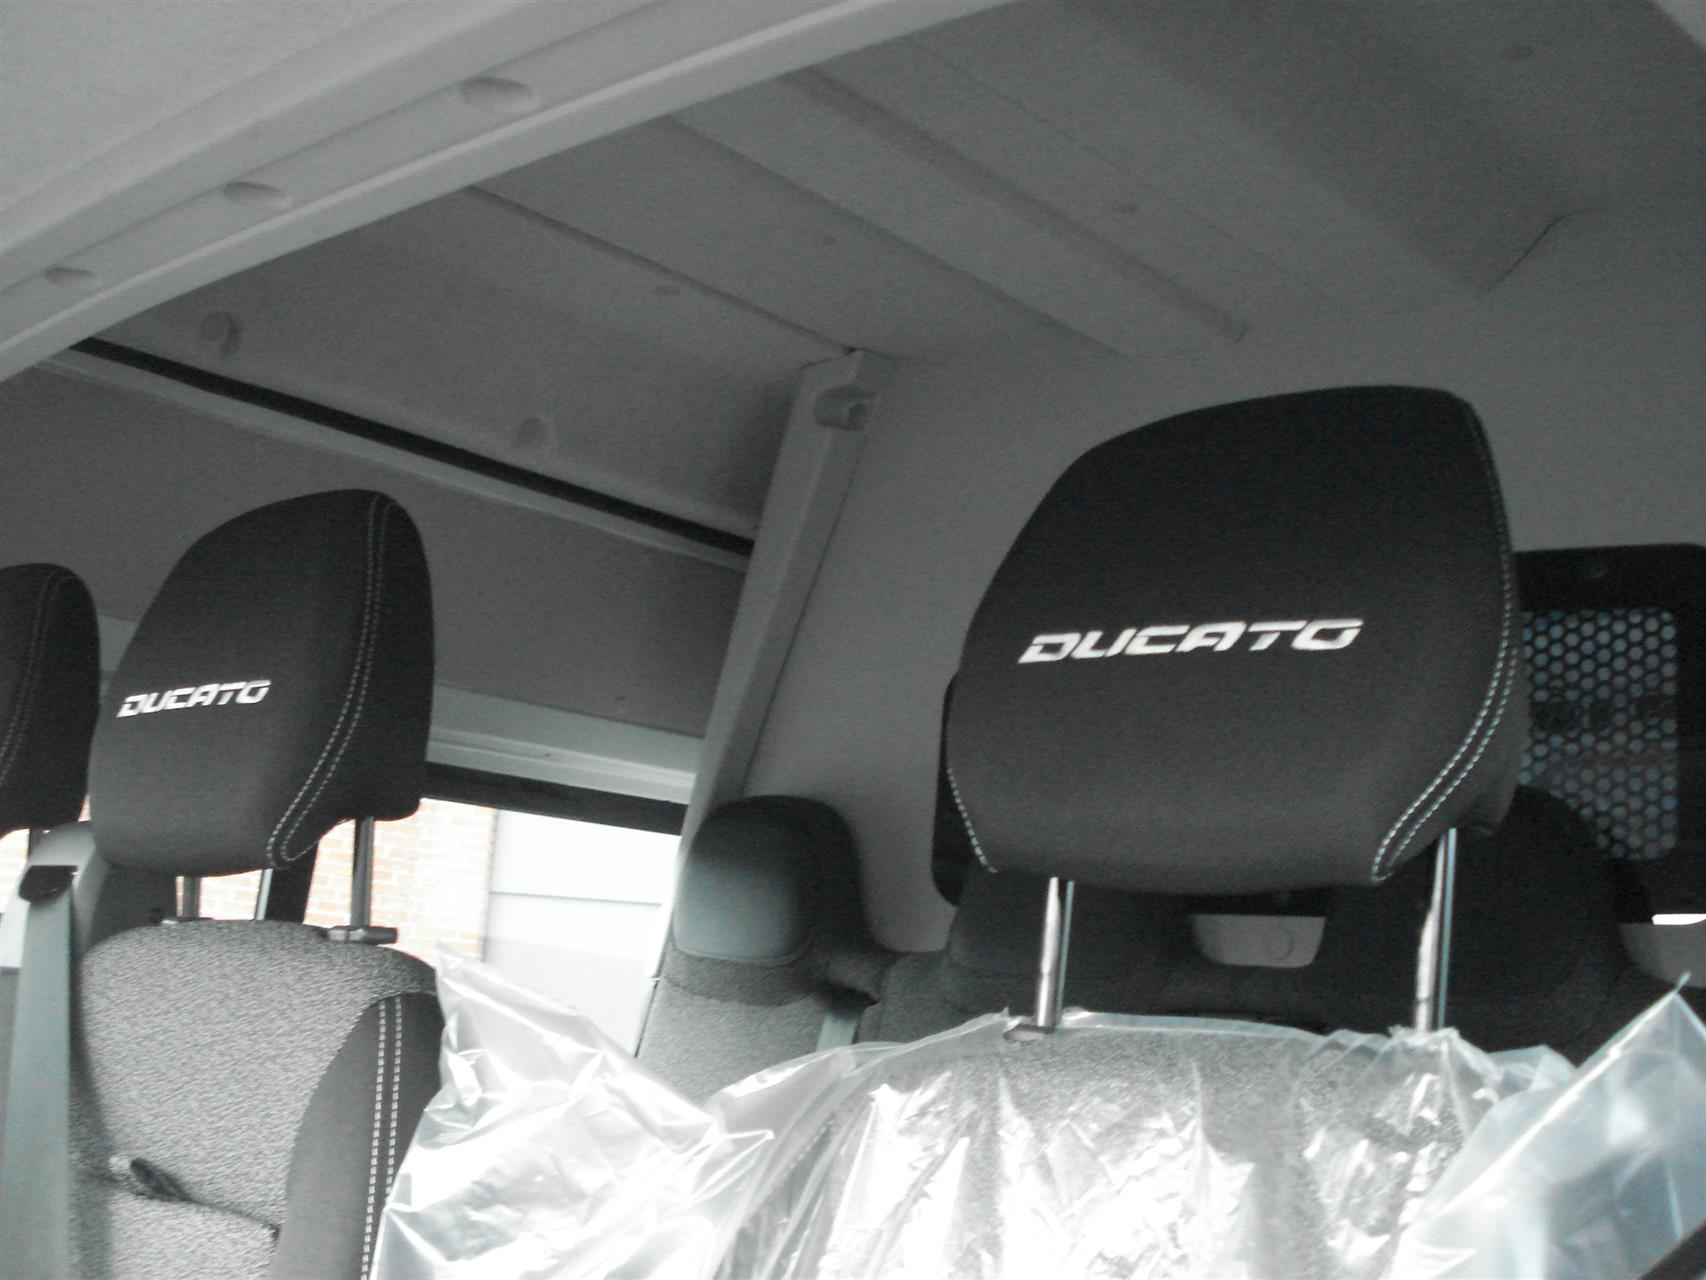 Billede af Fiat Ducato 35M Maxi L3 2,3 MJT 130HK DobKab 6g